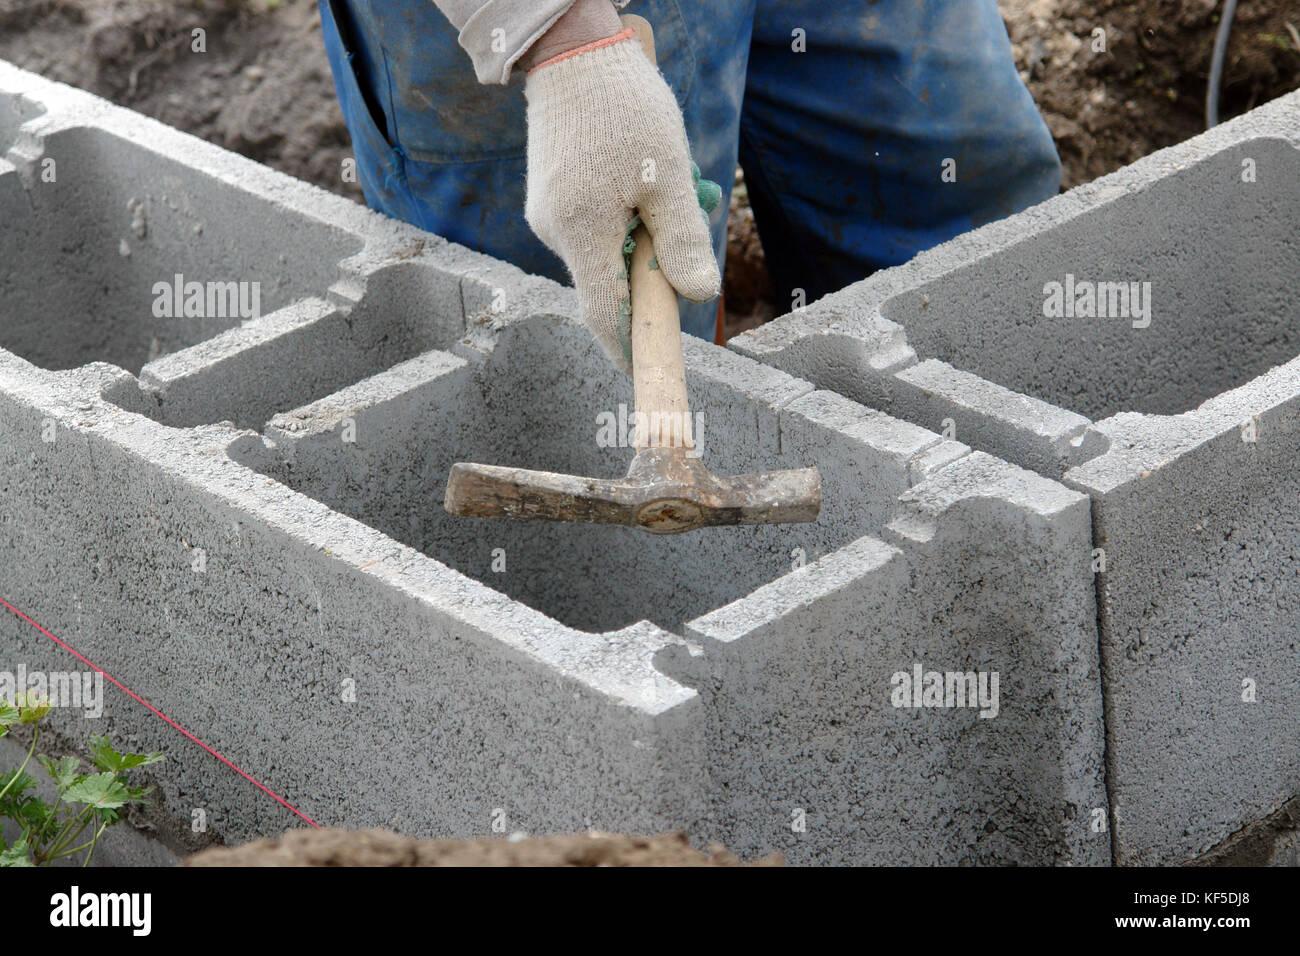 Trabajador De La Construccion Afinando Los Recortes Realizados En - Colocar-bloques-de-hormigon